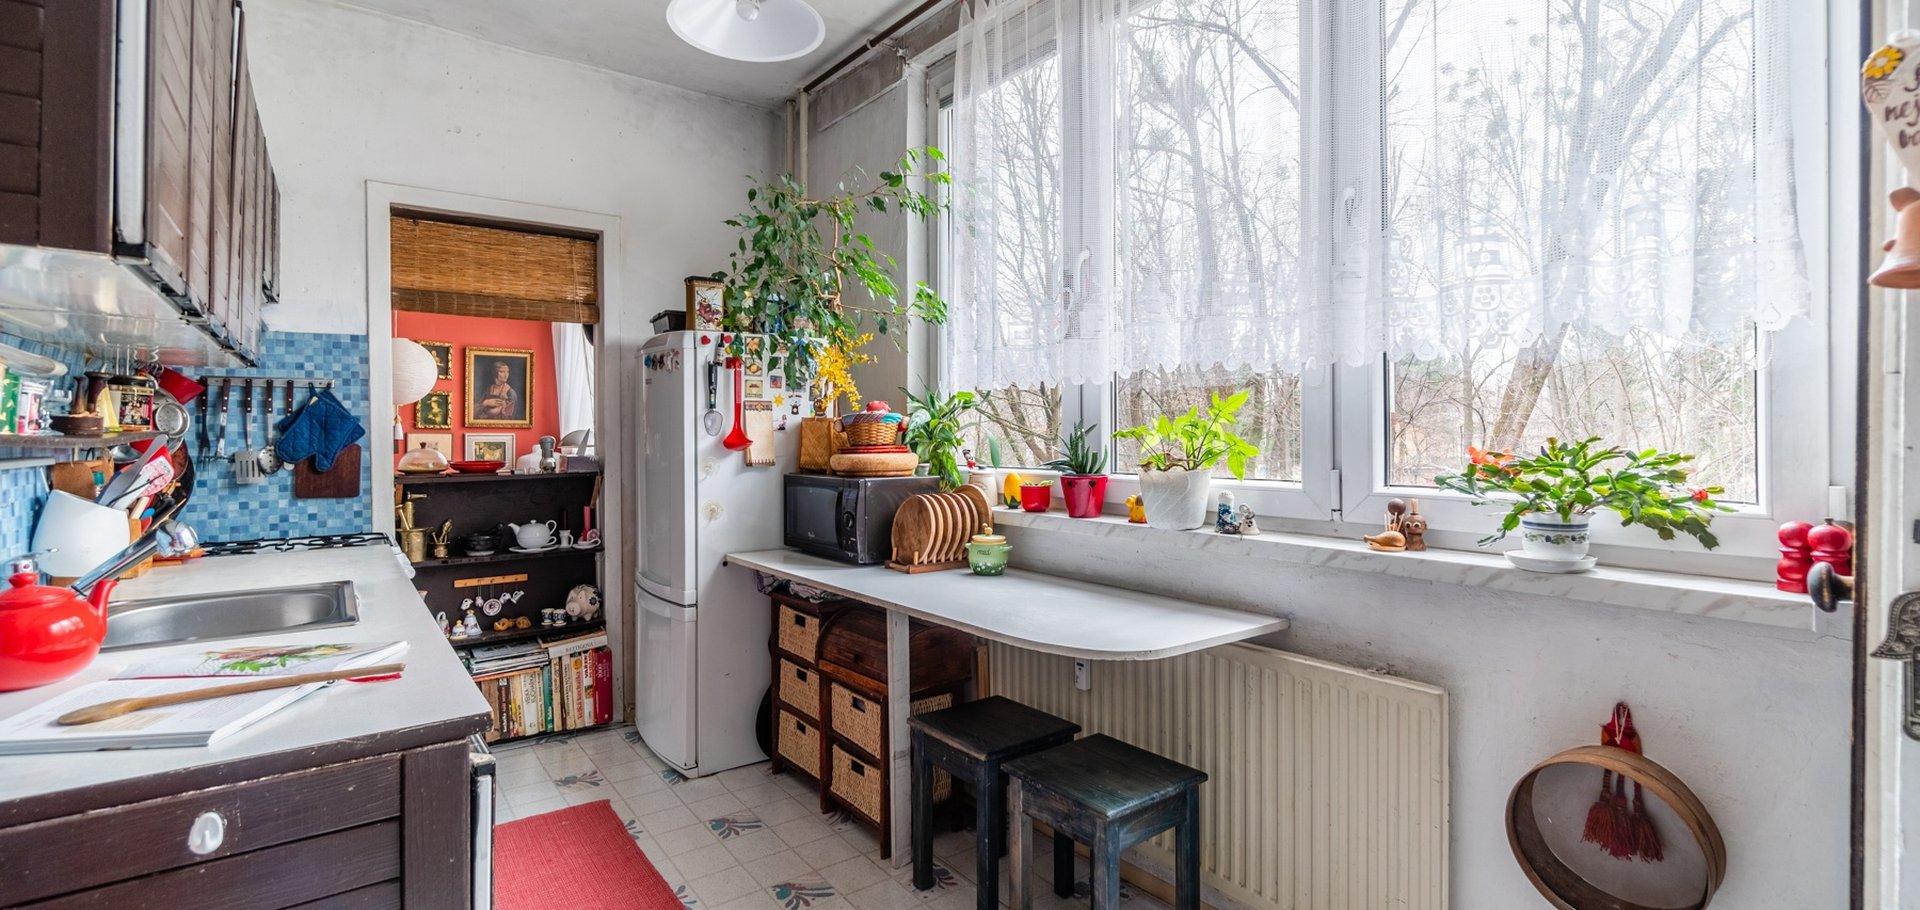 Prodej bytu 4+1, 80m² - ul. Habrová, Třinec - Dolní Líštná